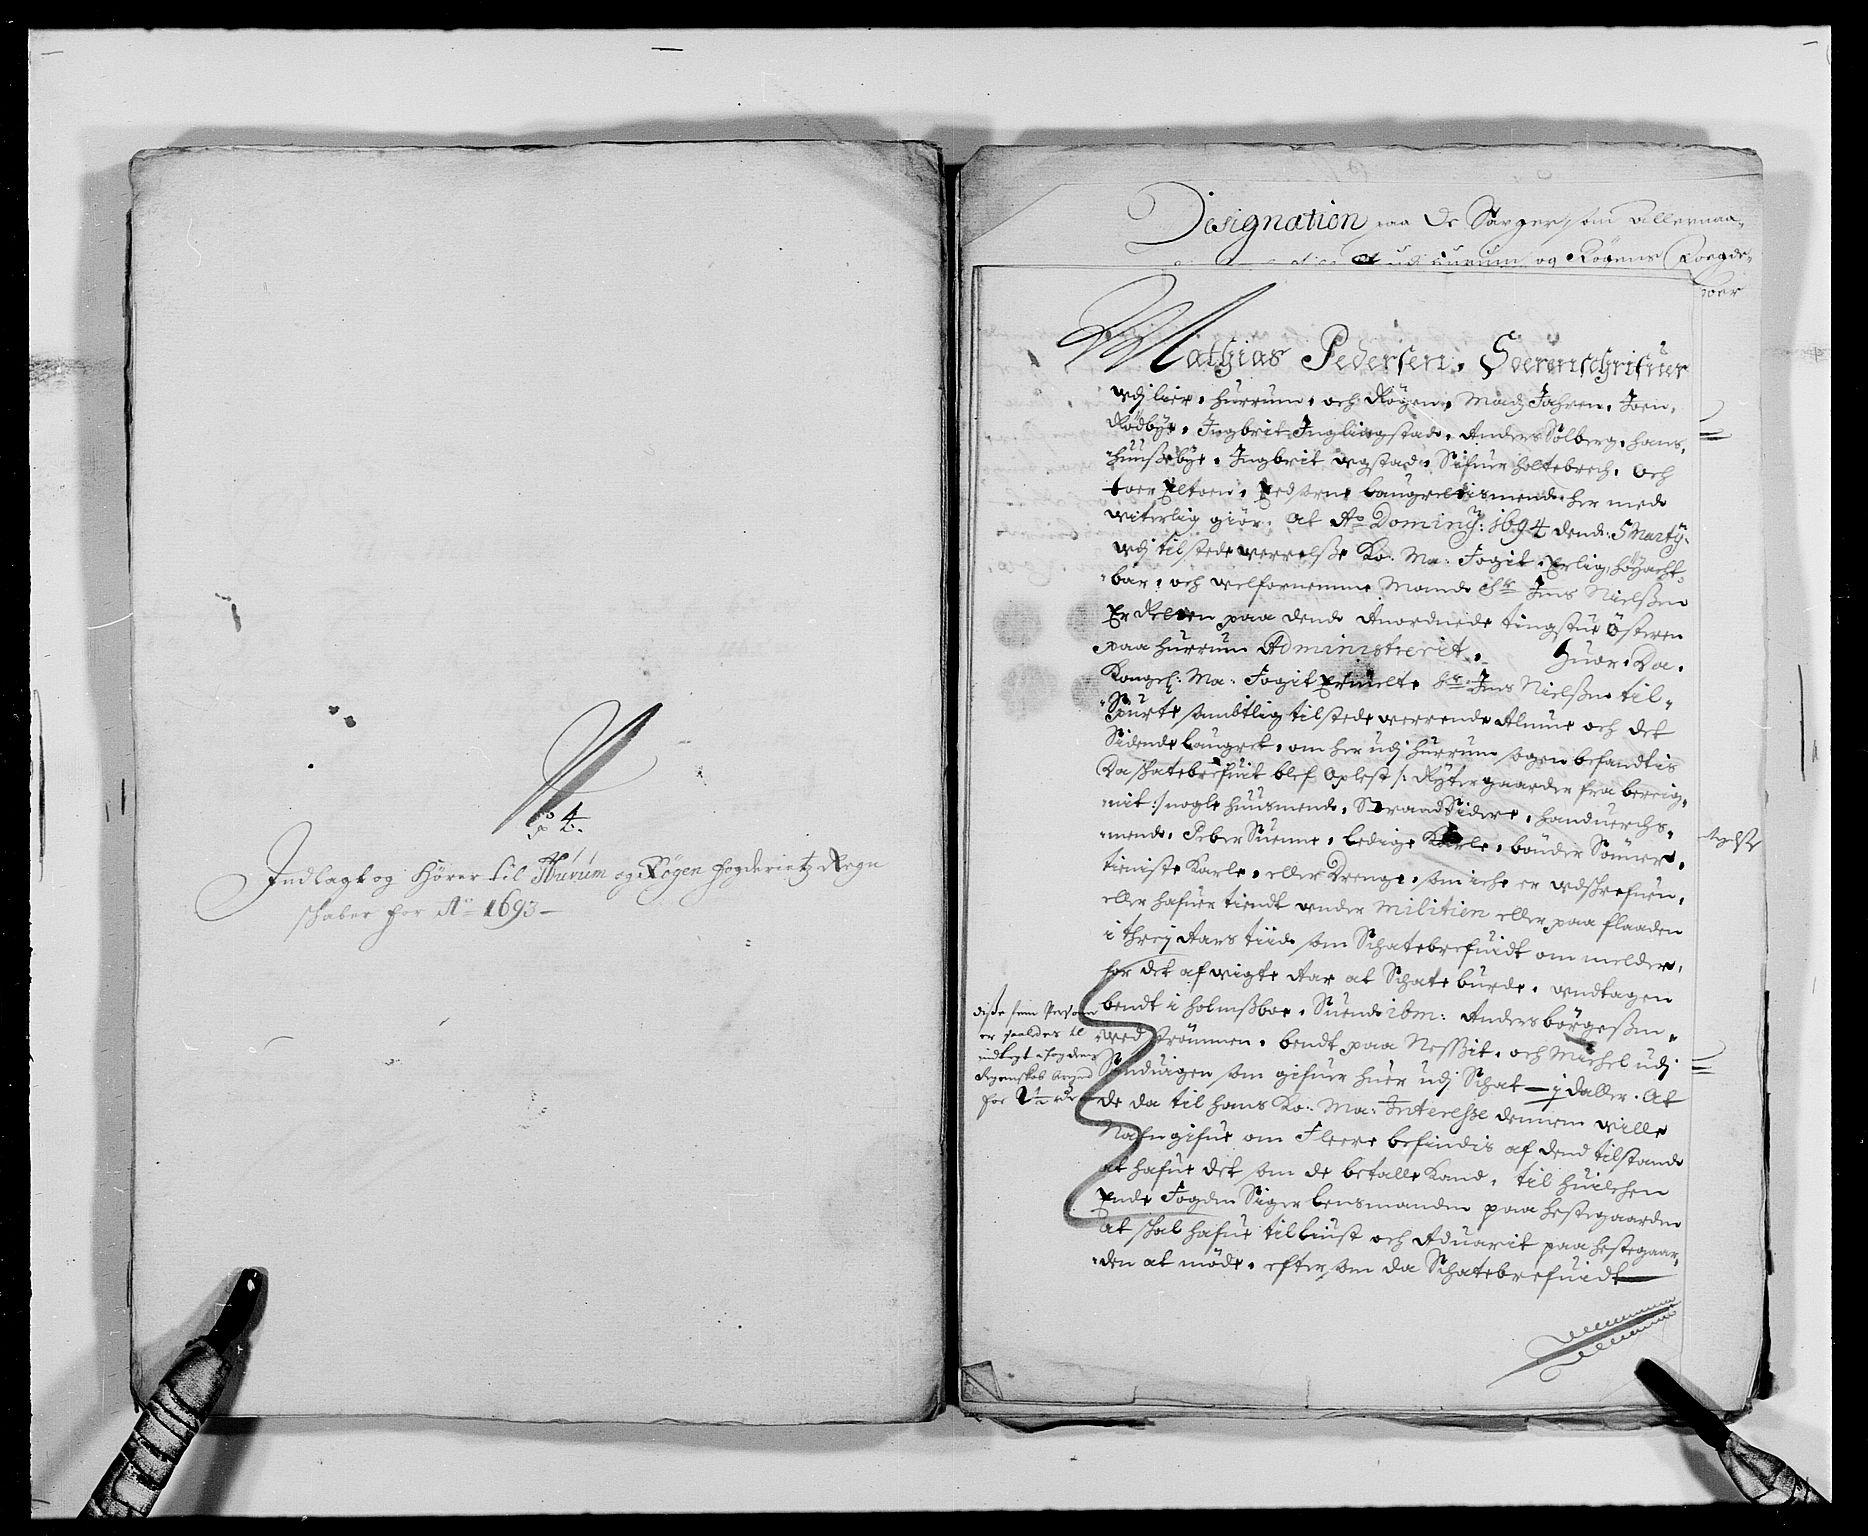 RA, Rentekammeret inntil 1814, Reviderte regnskaper, Fogderegnskap, R29/L1693: Fogderegnskap Hurum og Røyken, 1688-1693, s. 502